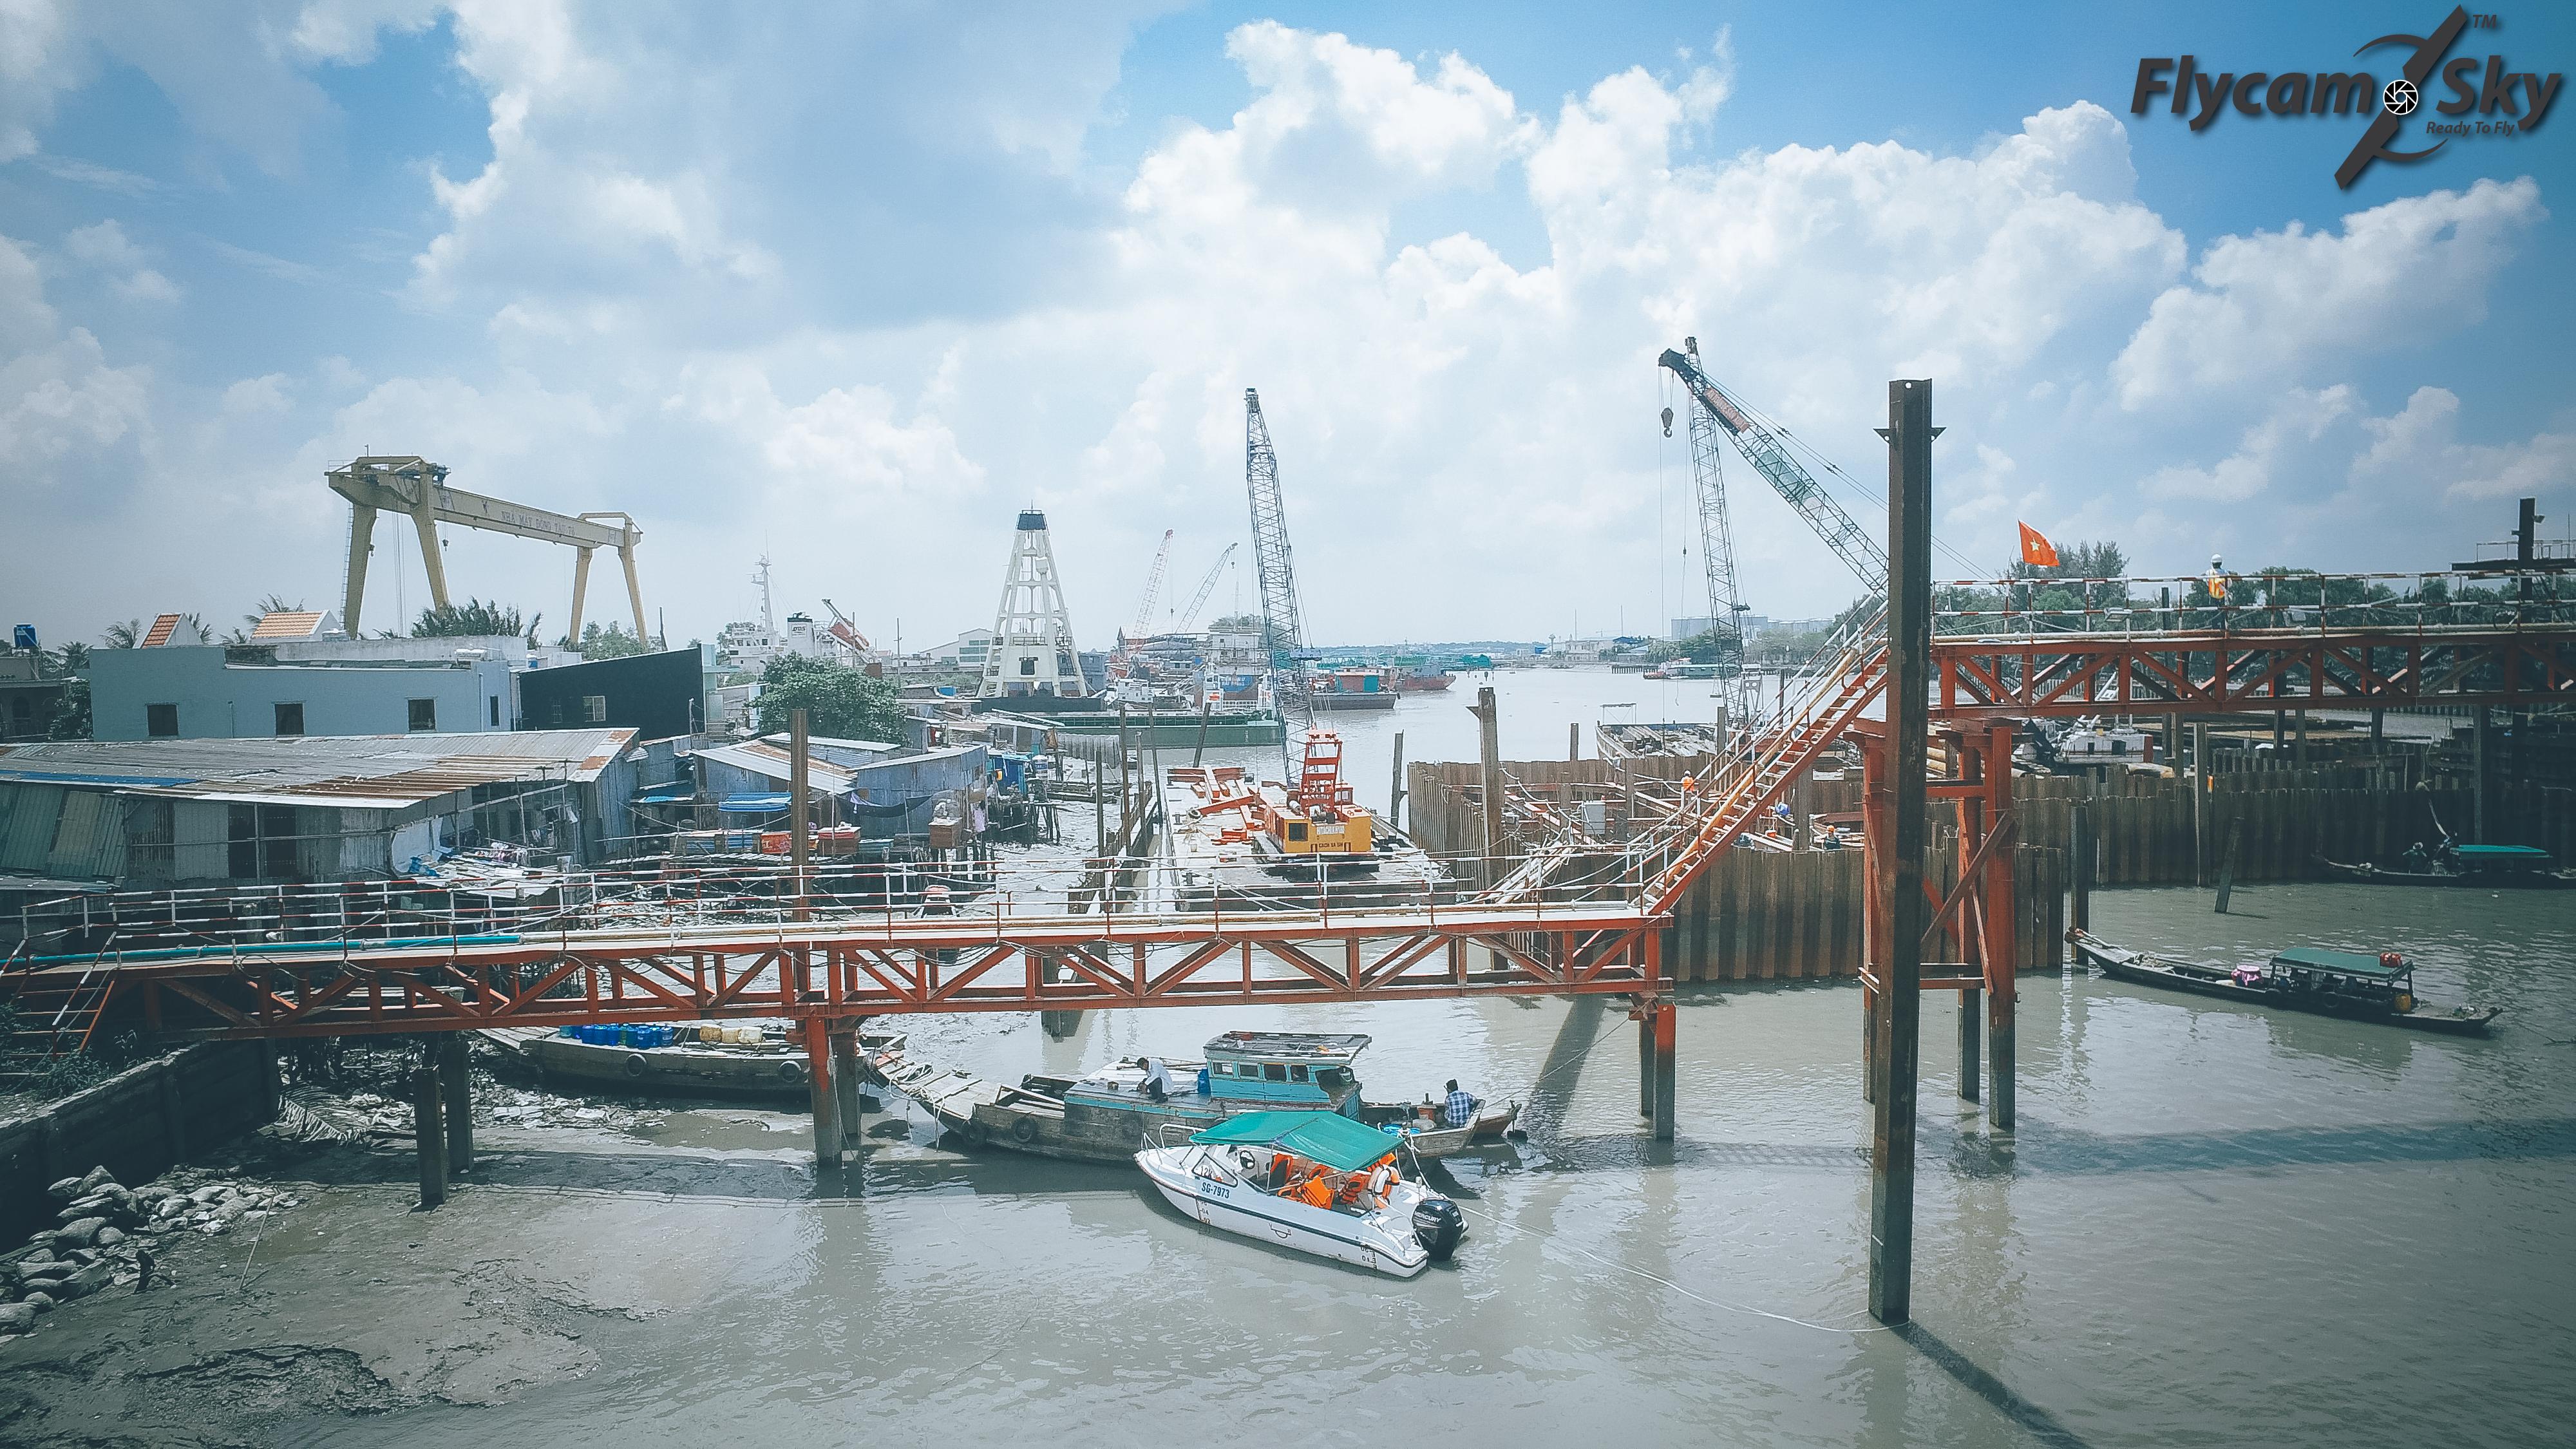 Công trình chống ngập bảo vệ người dân Sài gòn nhìn từ Flycam